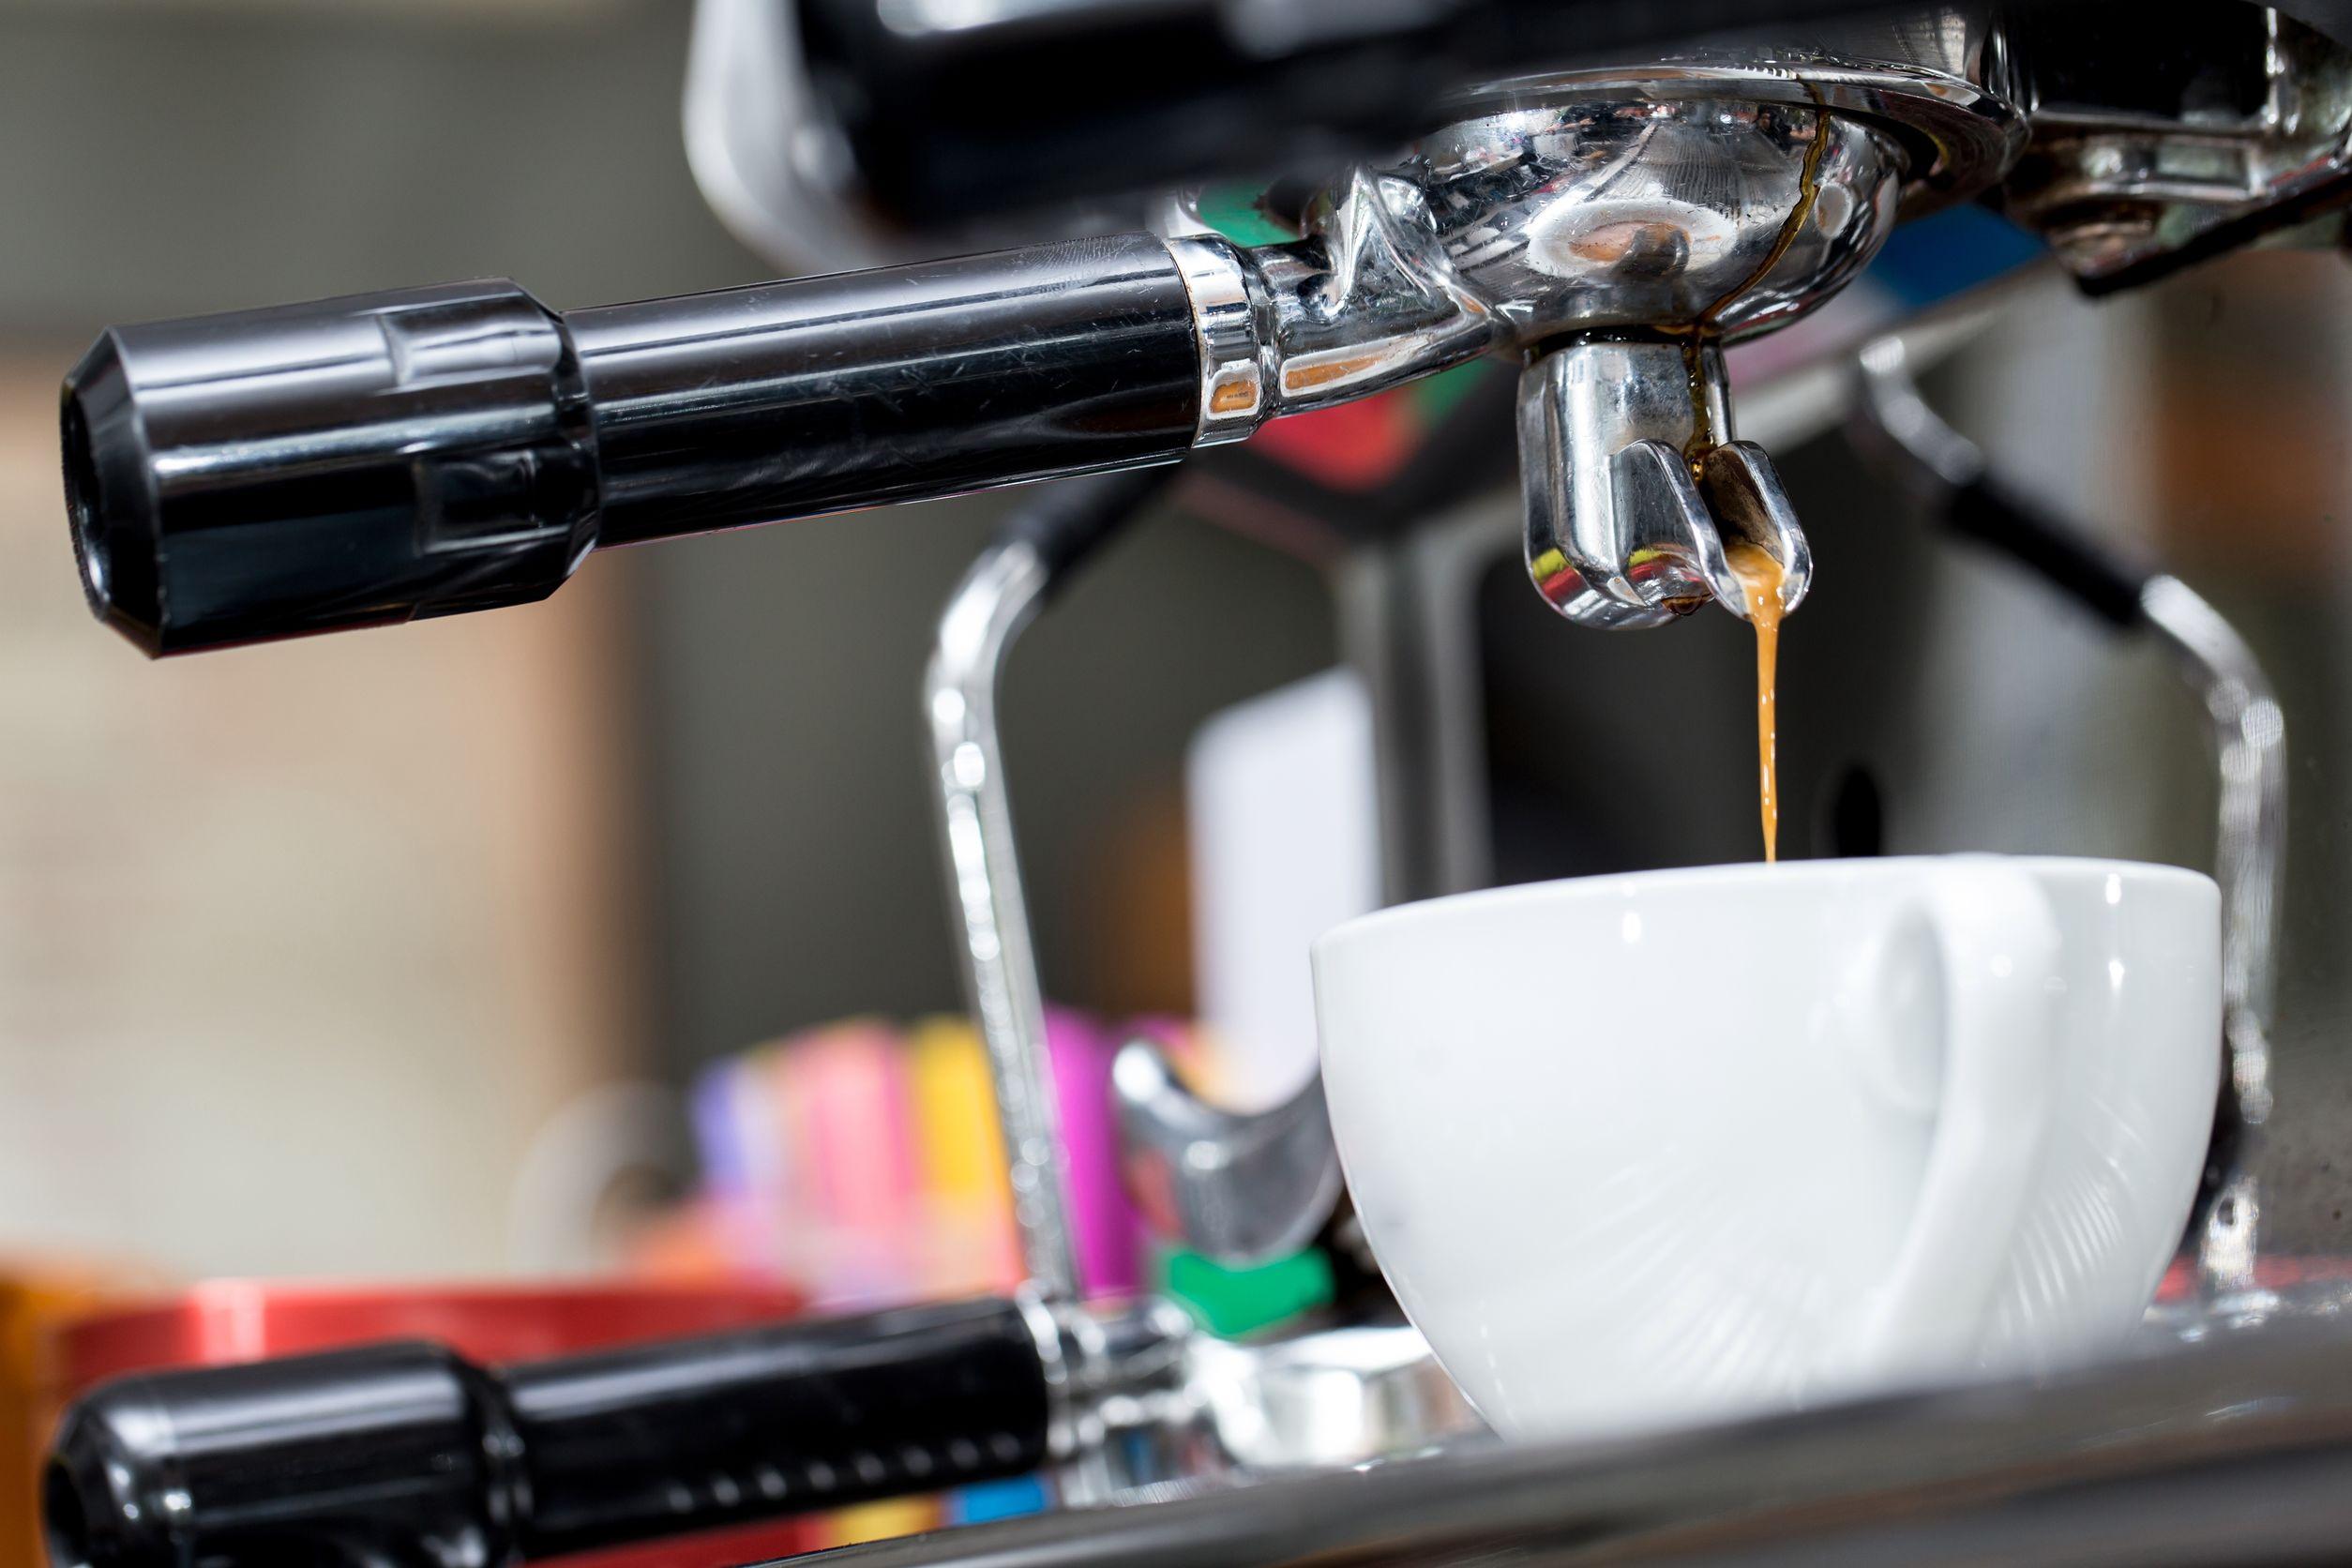 Bosch Kaffeevollautomat: Test & Empfehlungen (10/20)